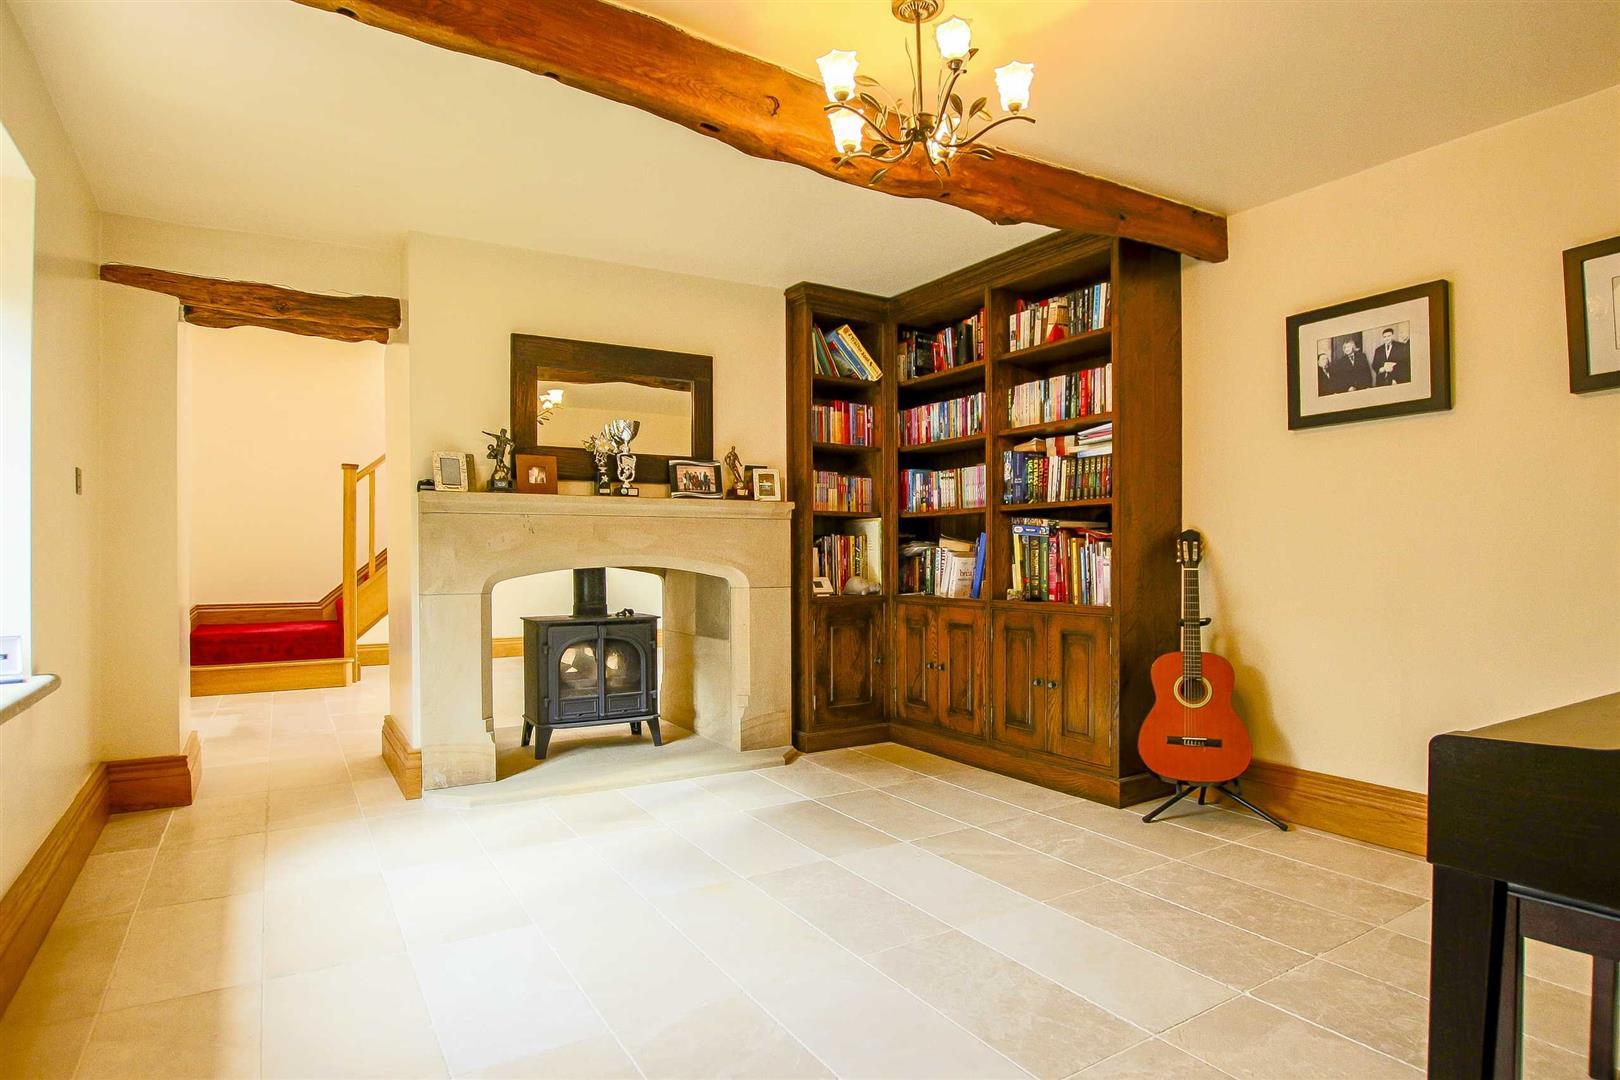 5 Bedroom Cottage For Sale - Image 3